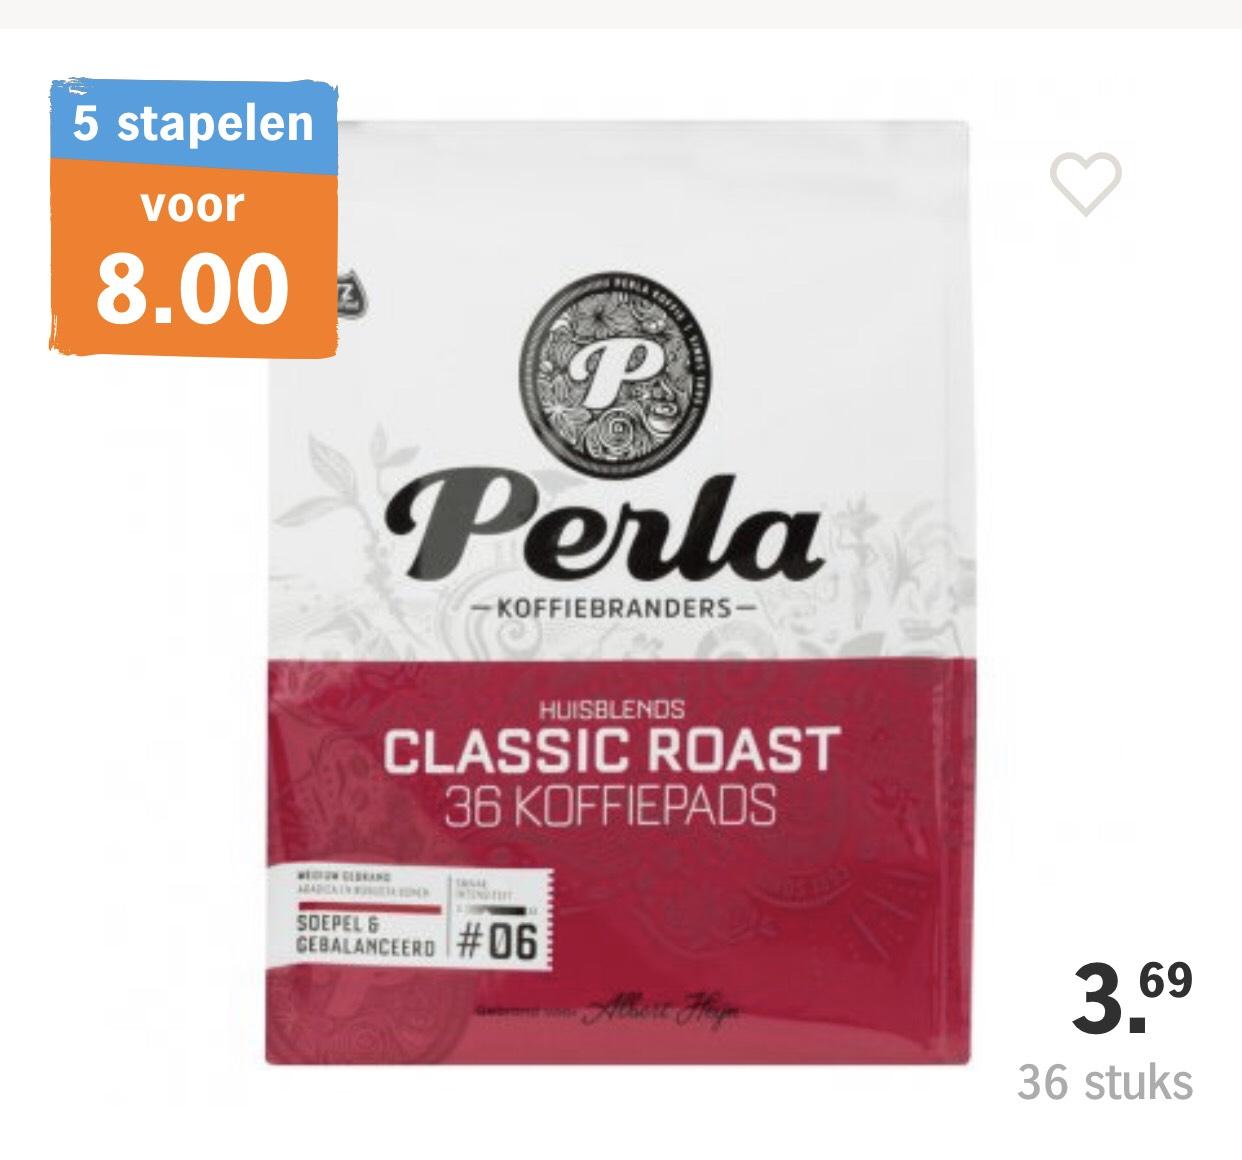 Perla Koffiepads 5 zakken voor €8,00 (€1,60 per zak á36 pads)